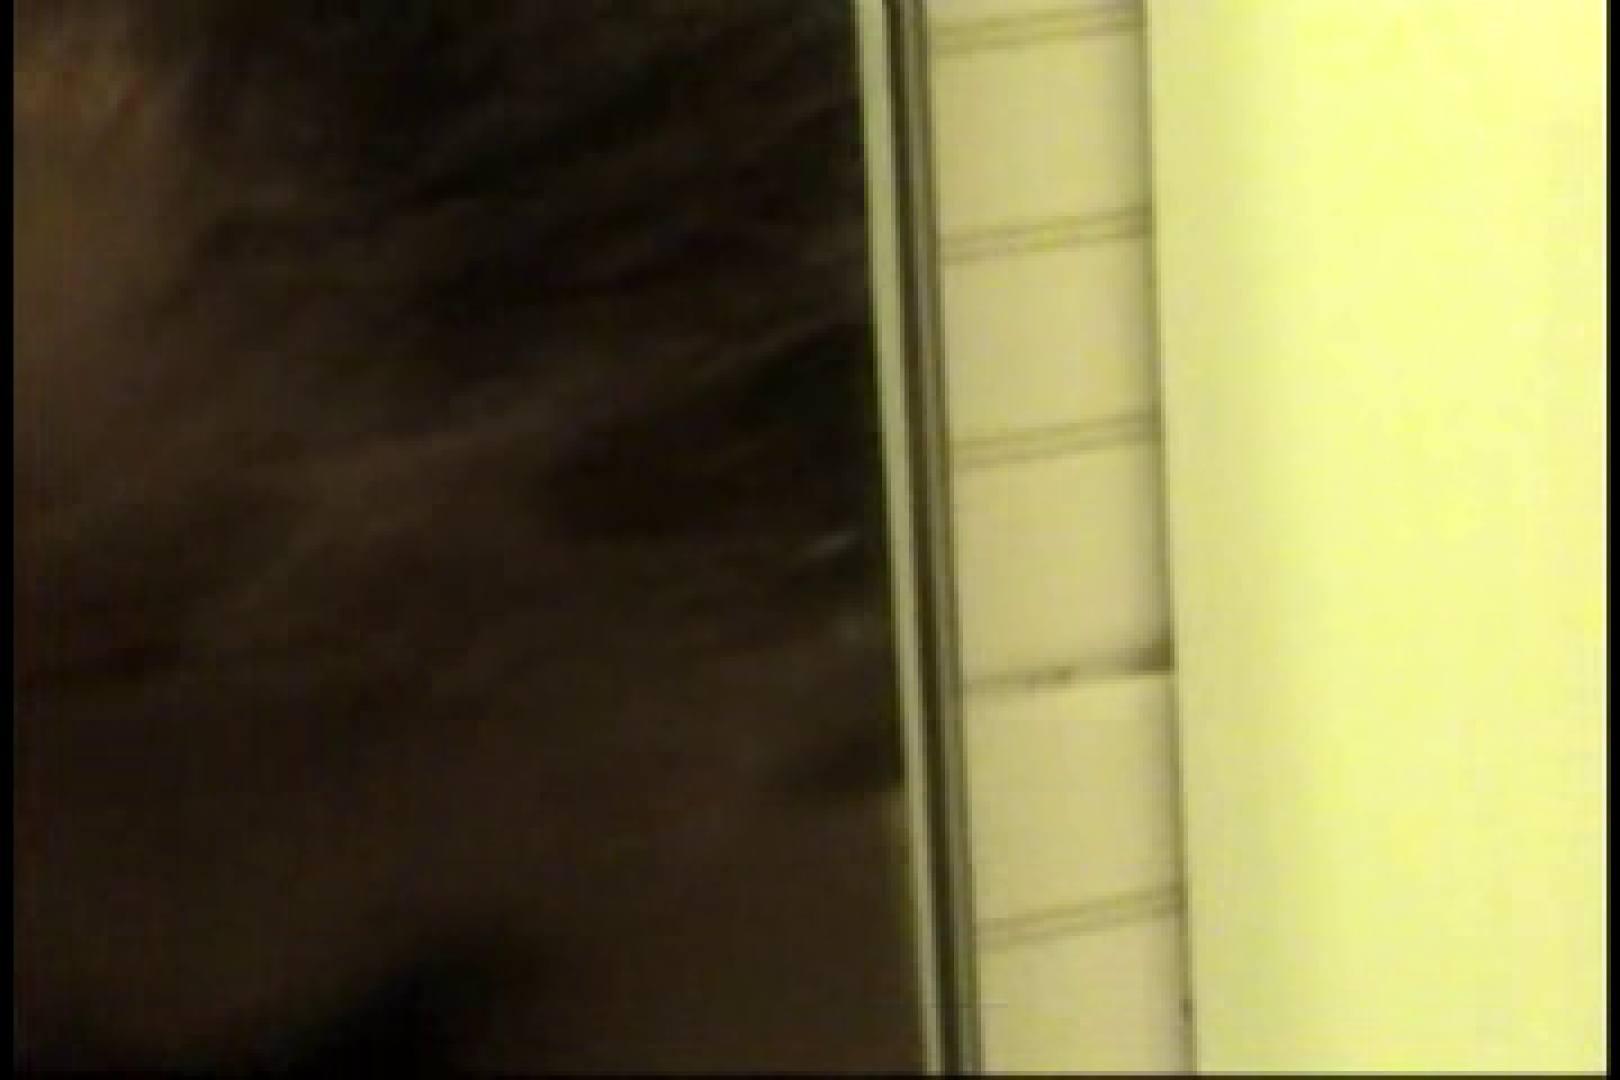 三ッ星シリーズ!!イケメン羞恥心File.08 モザ無し | 男まつり エロビデオ紹介 105枚 32